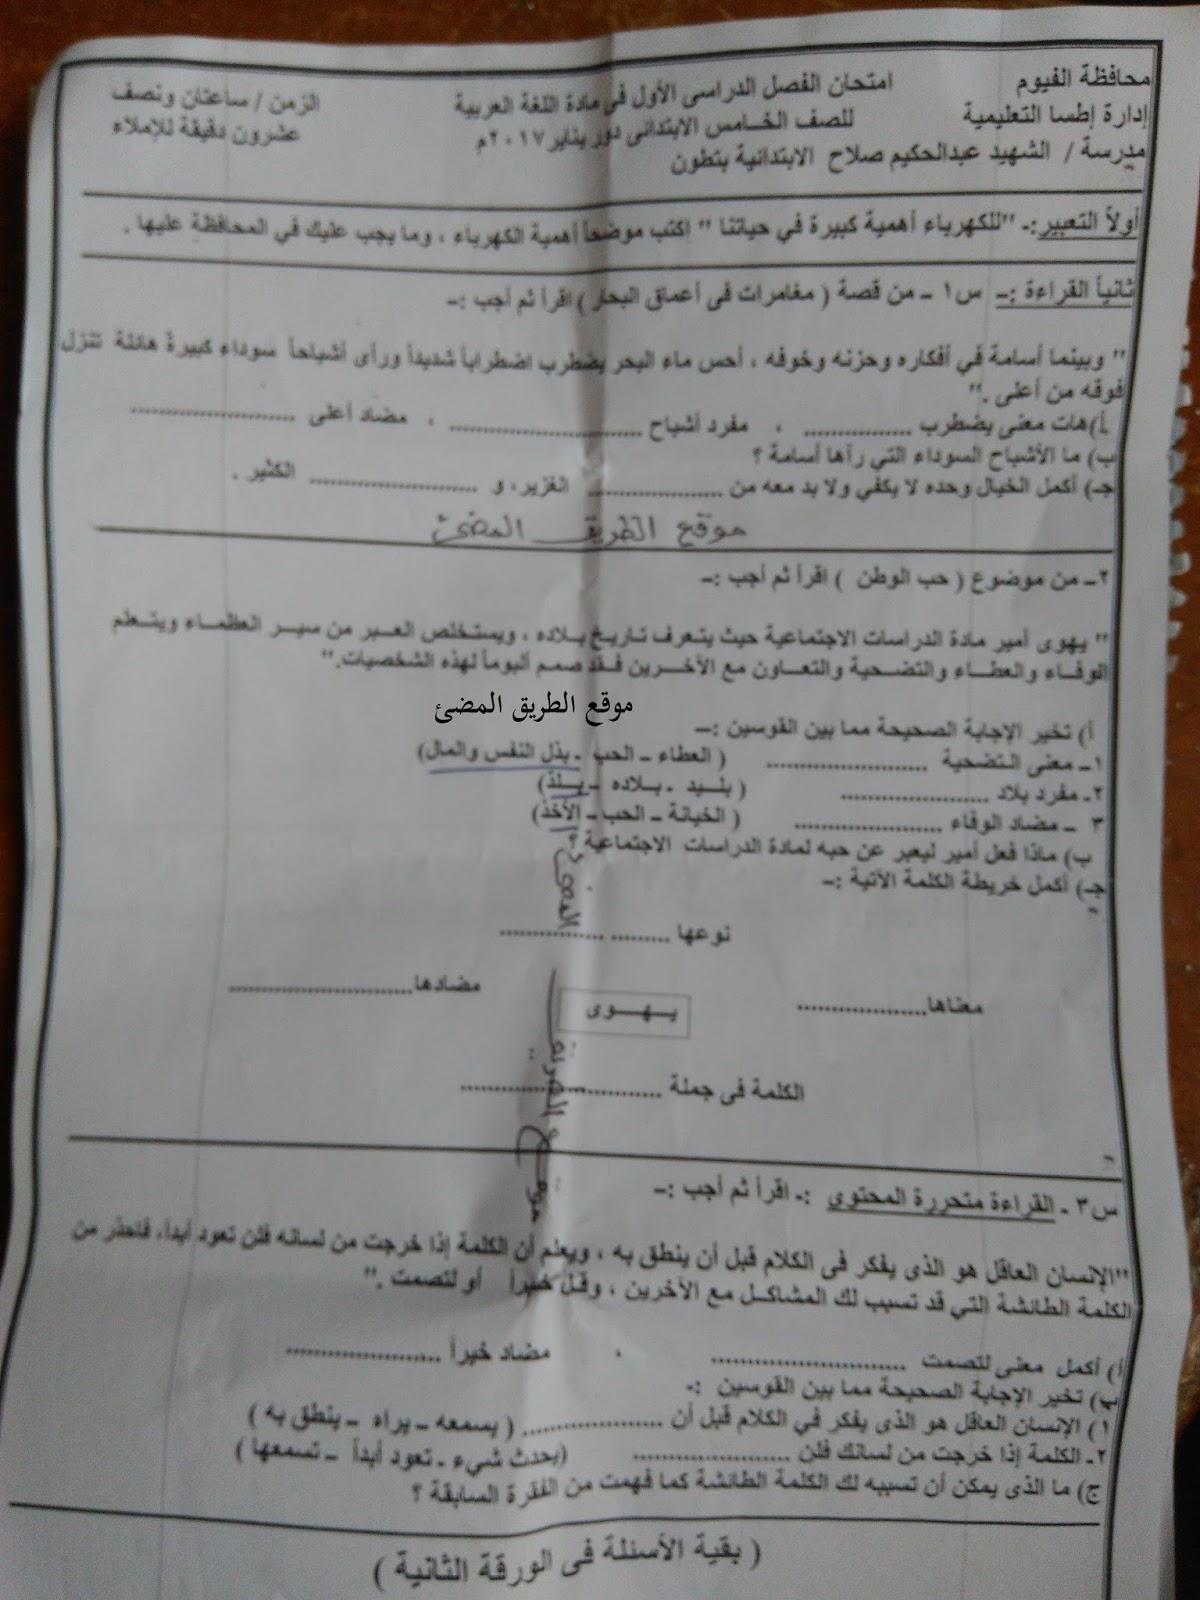 إمتحانات نصف العام فى اللغة العربية الصف الرابع الترم الاول جميع محافظات مصر ، الاعوام السابقة